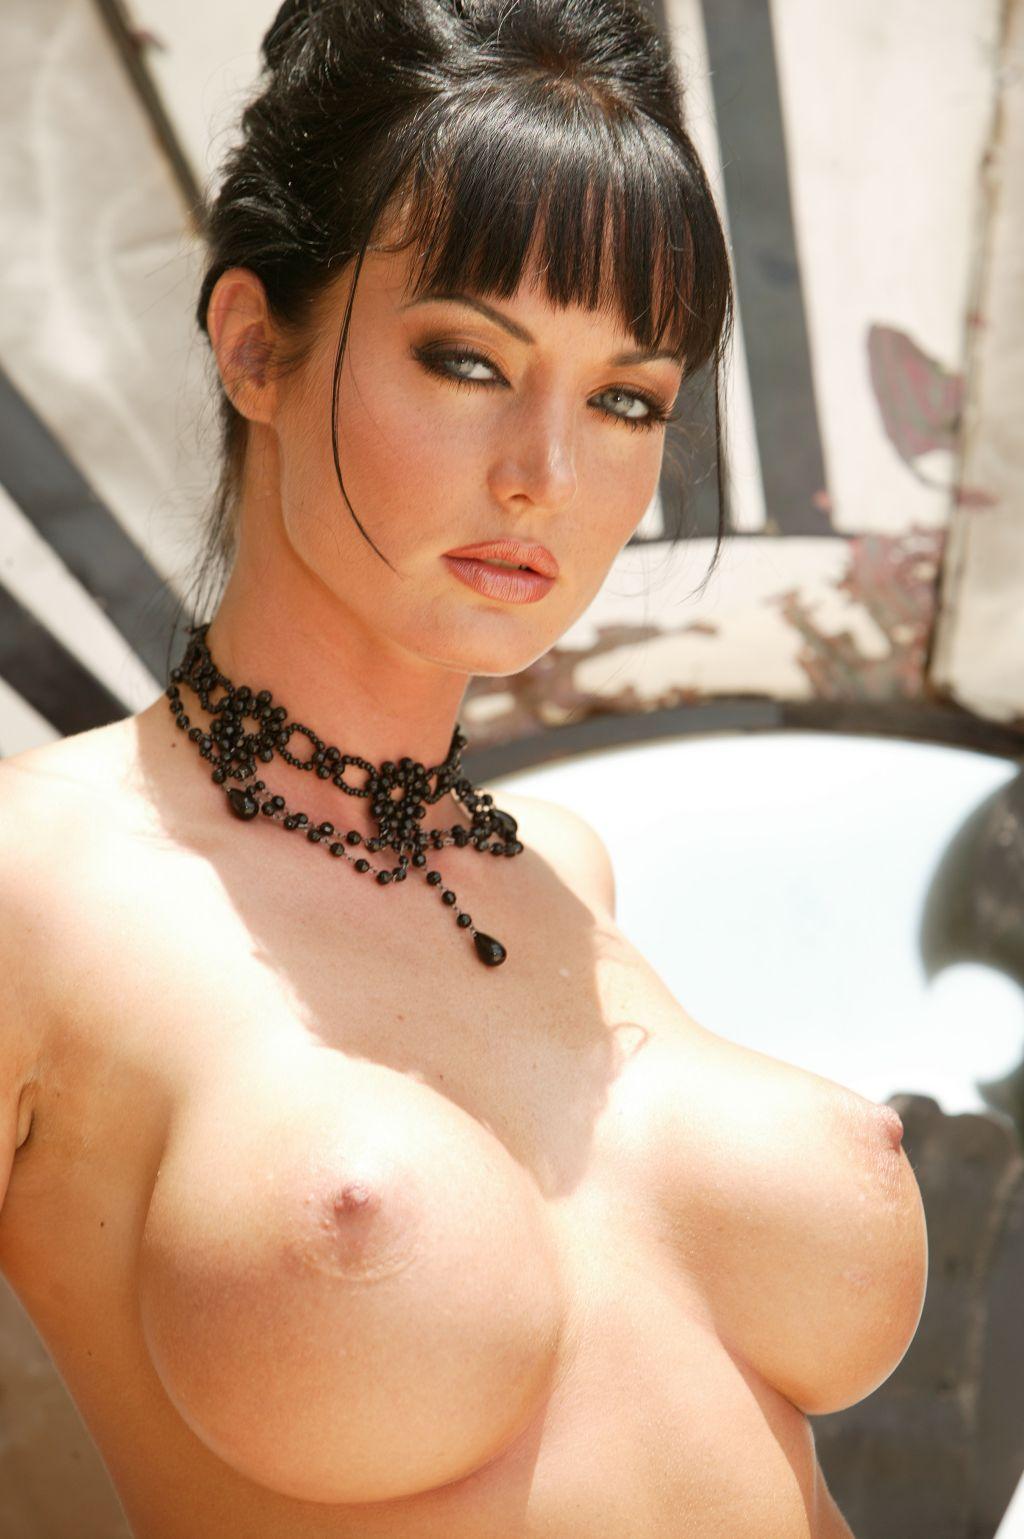 чулок сжимают мелисса лорен порнозвезда фото лучшем